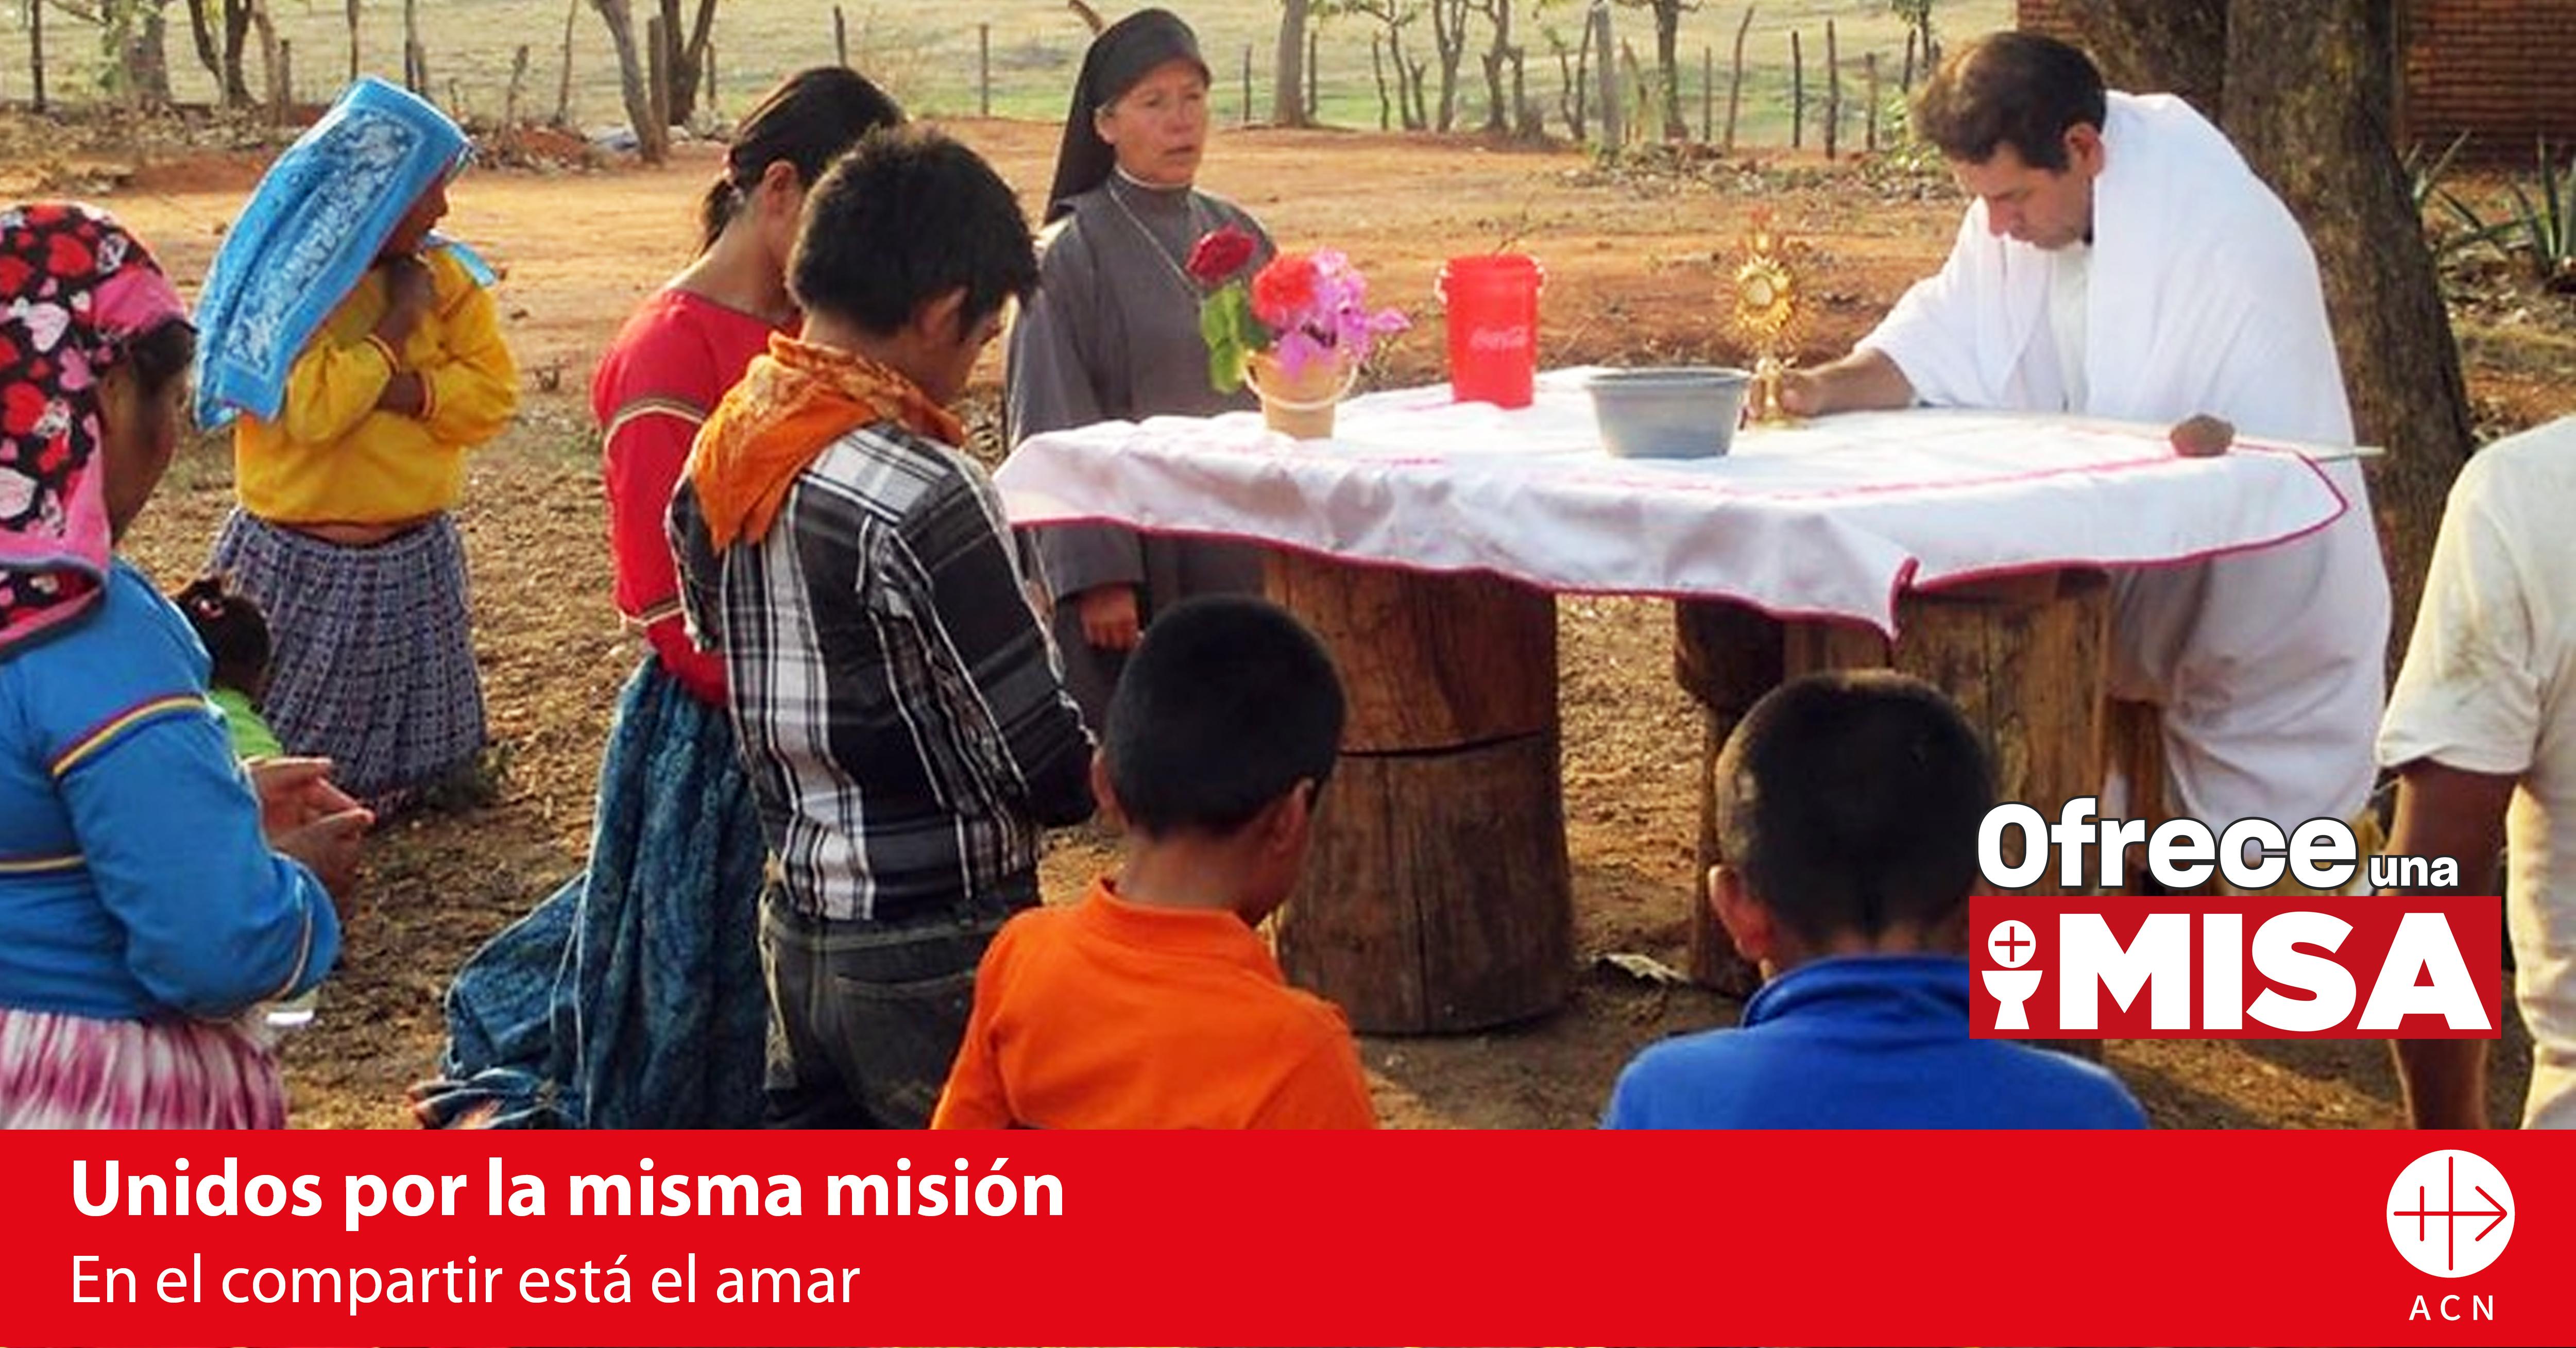 ACN ayuda a sacerdotes con intenciones de Misa